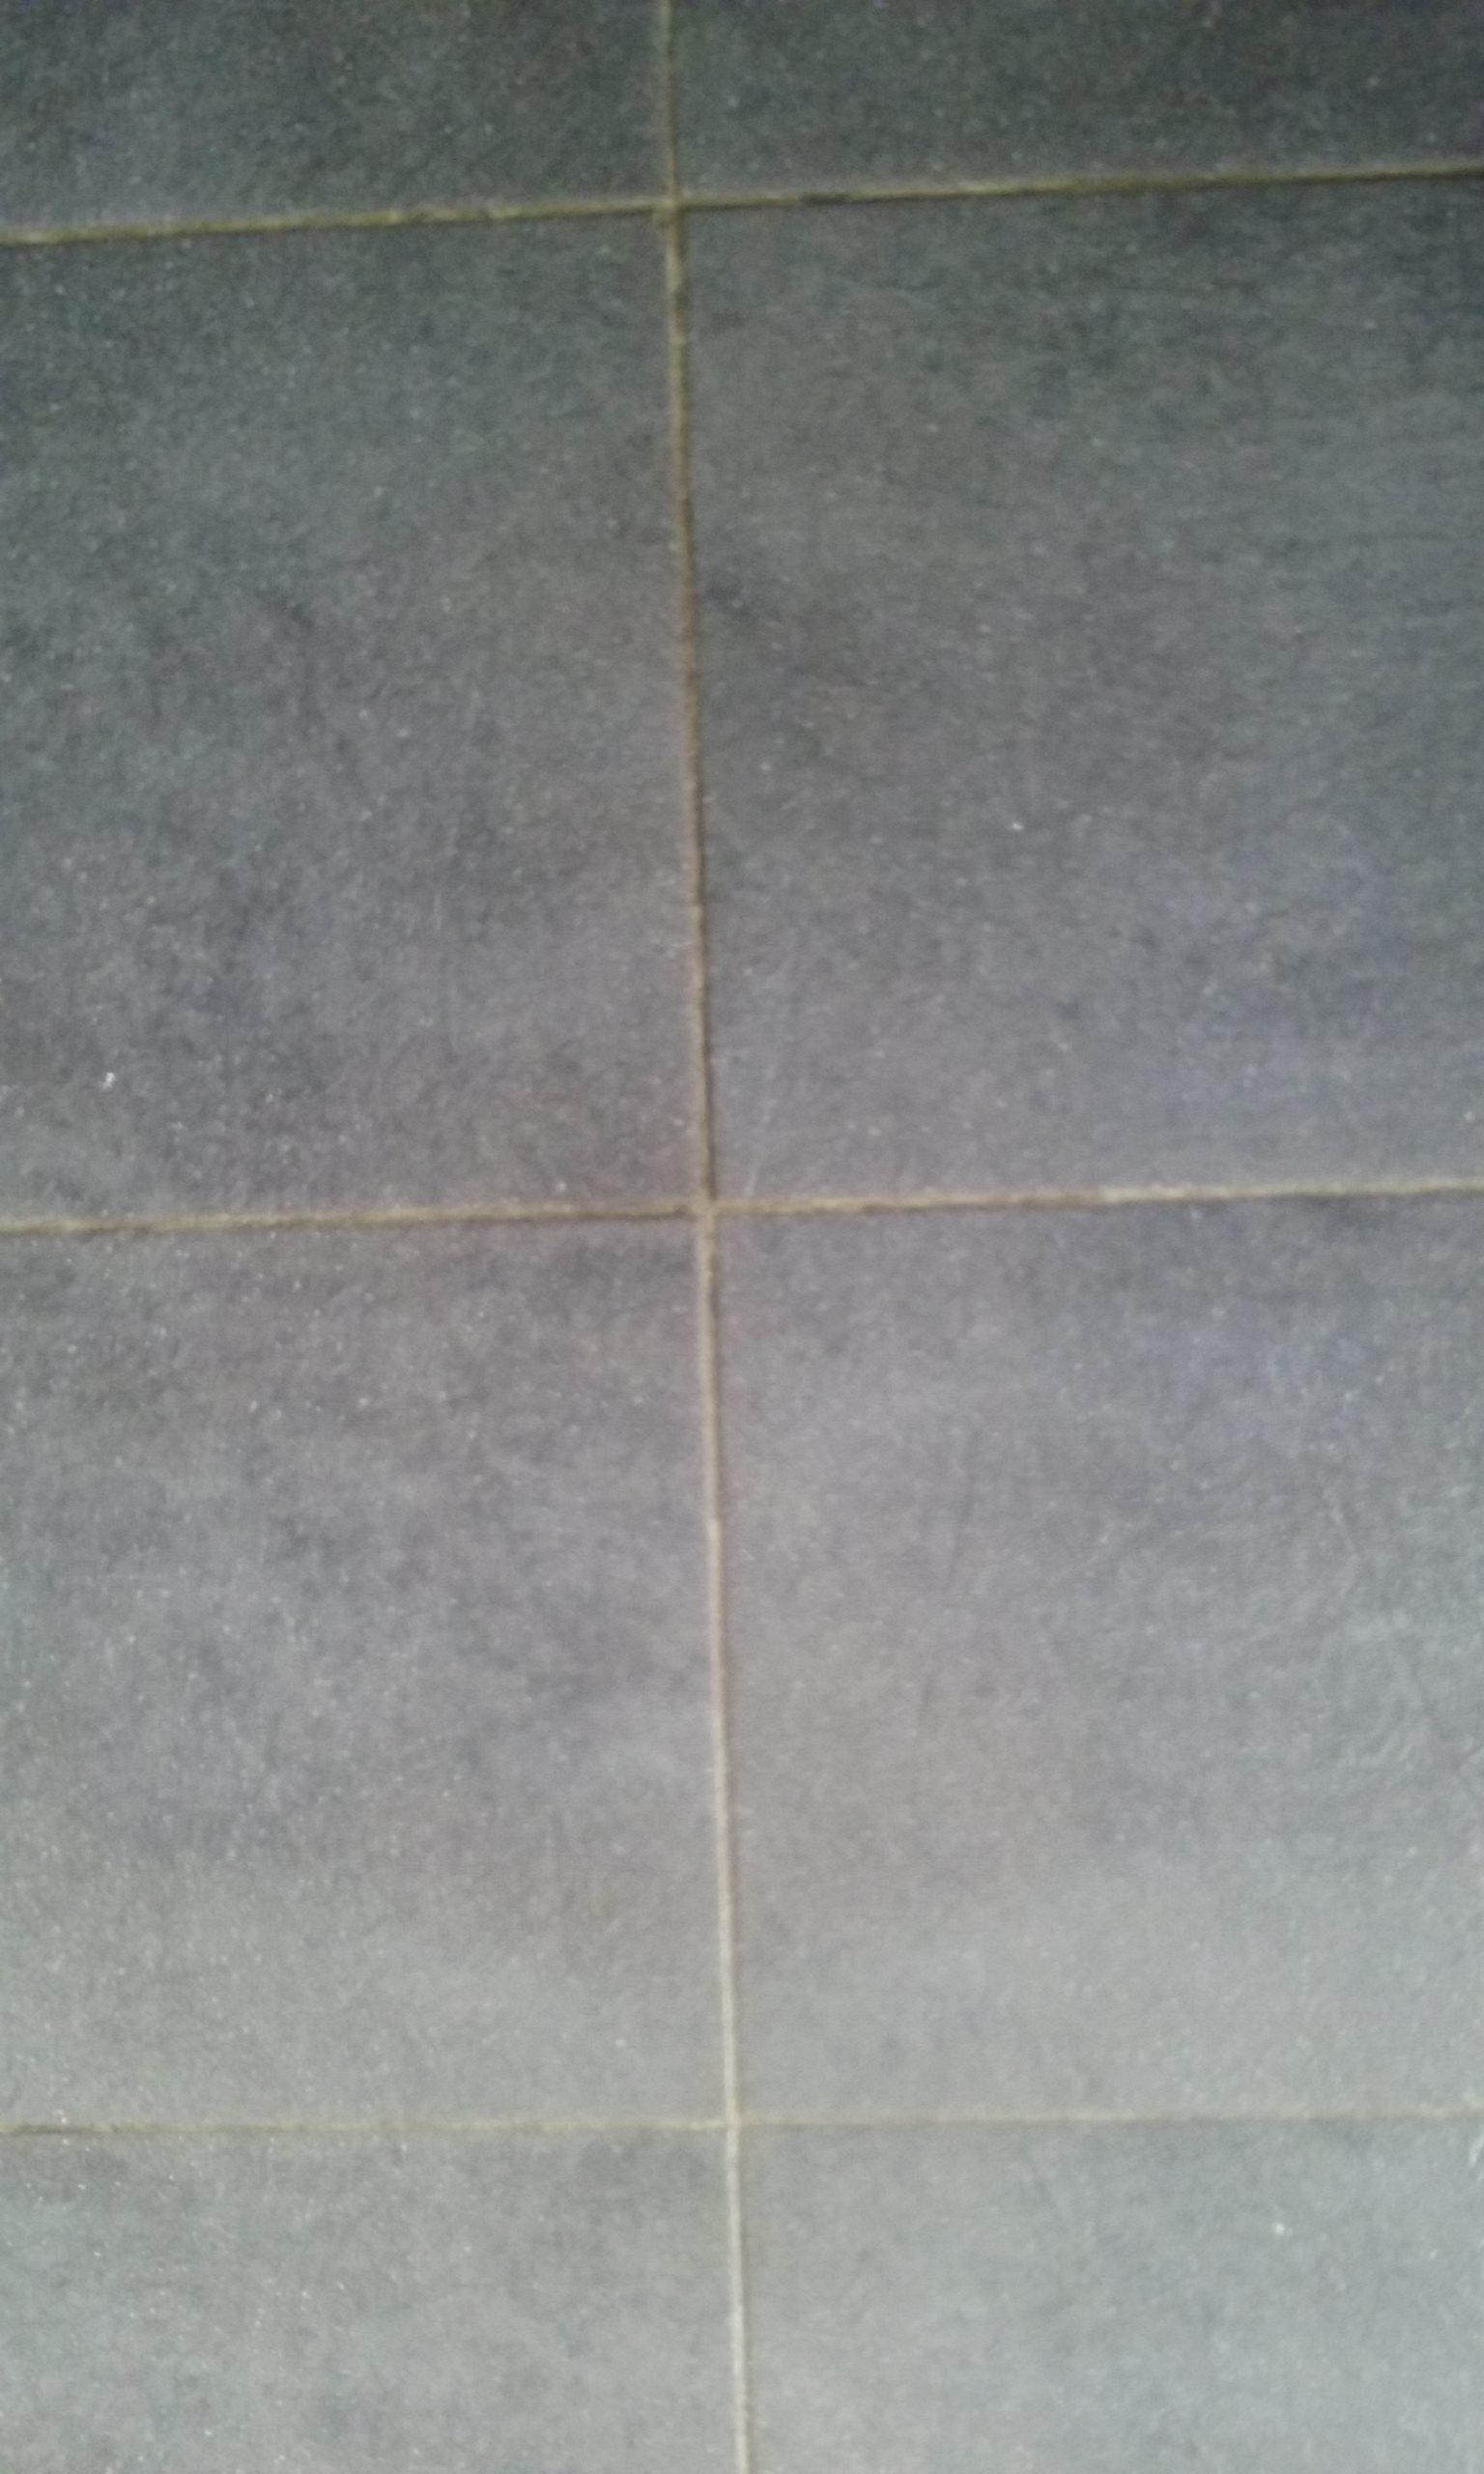 Nettoyer joints de carrelage – Leovida, le blog